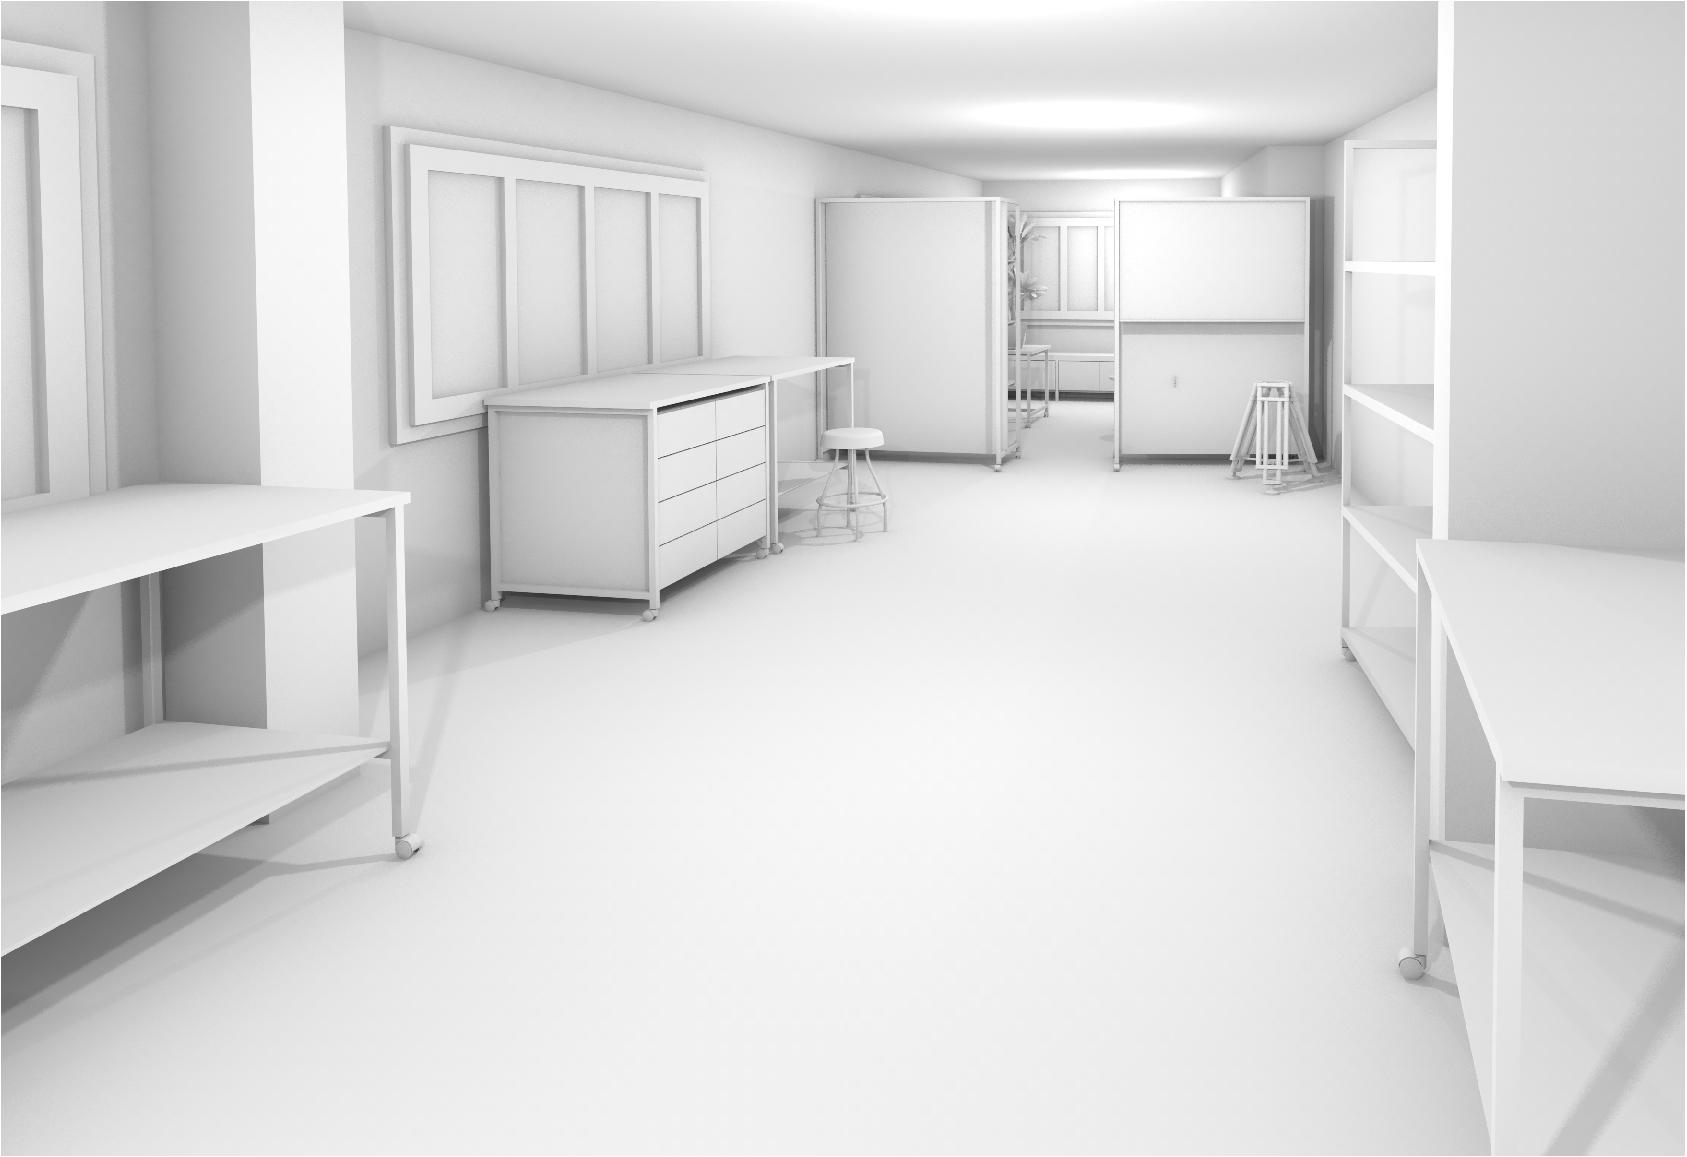 Gipsmodell Rendering Arbeitsbereich Einrichtung 1